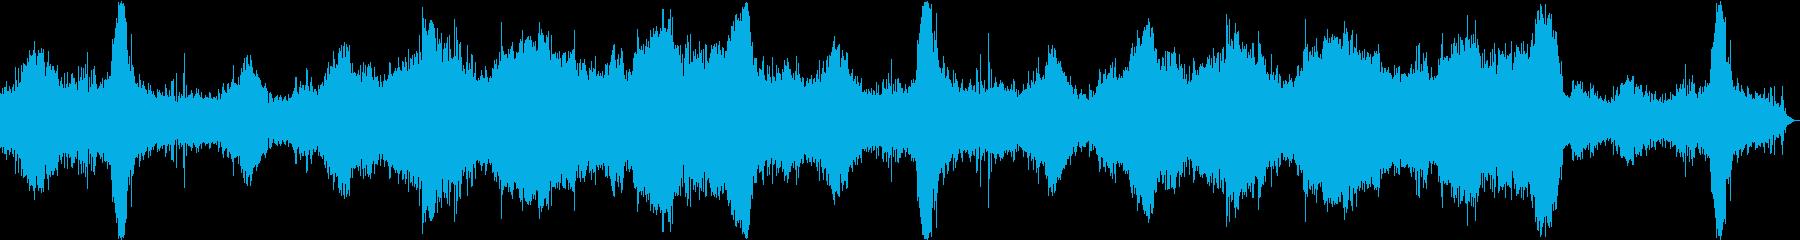 ヘビーウォーターランブル、時々ウォ...の再生済みの波形